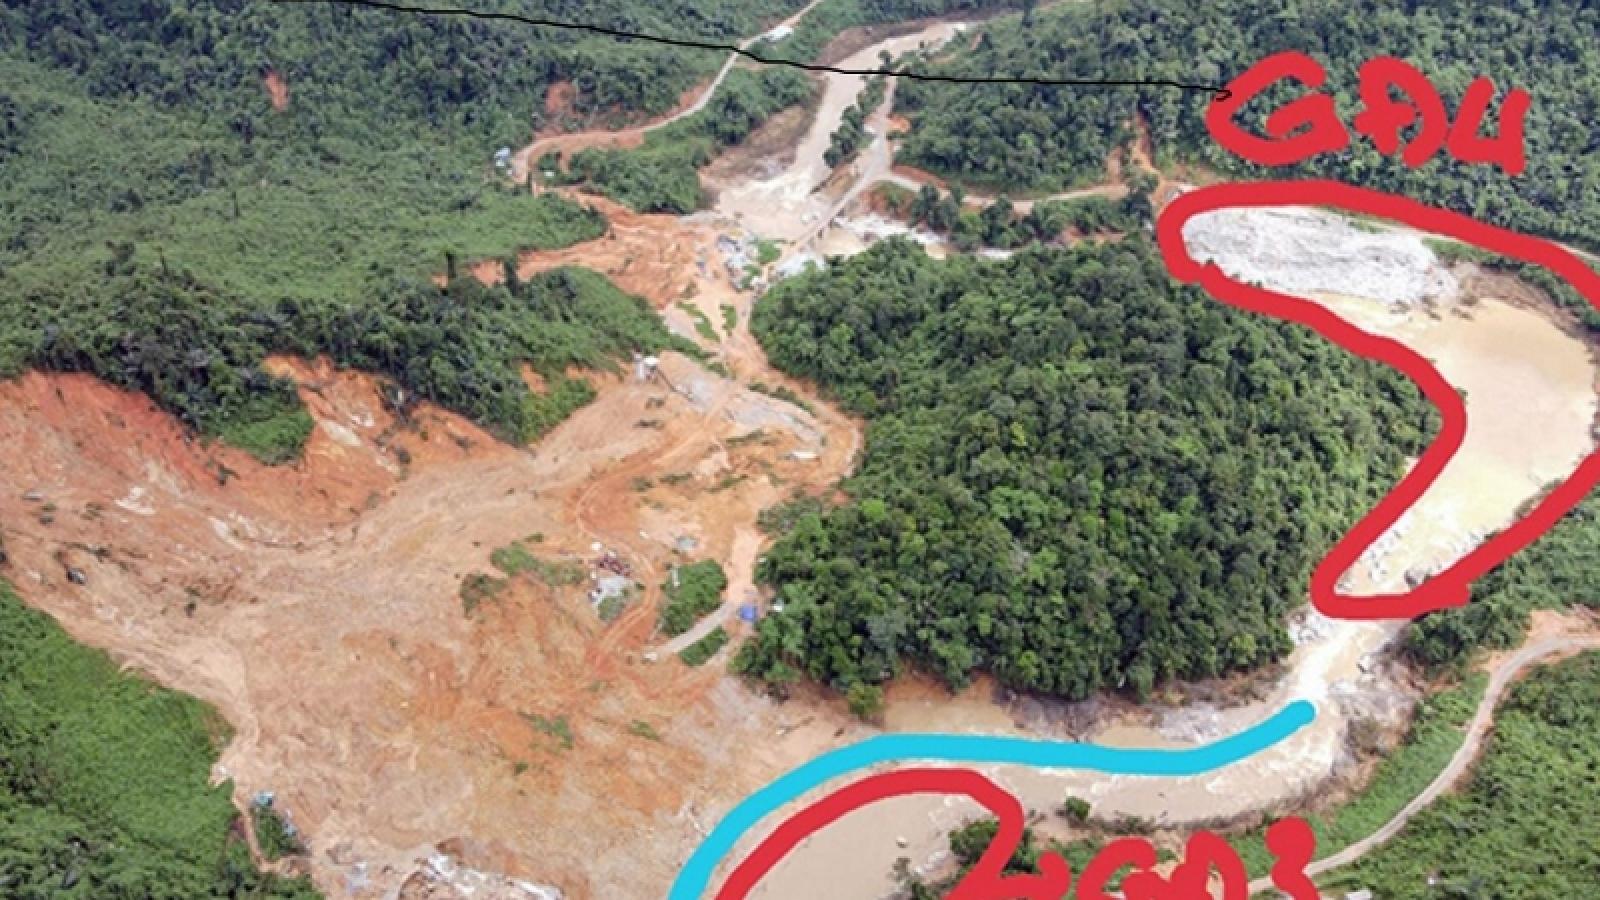 Thừa Thiên Huế, Quảng Bình khẩn trương triển khai các biện pháp ứng phó bão số 8